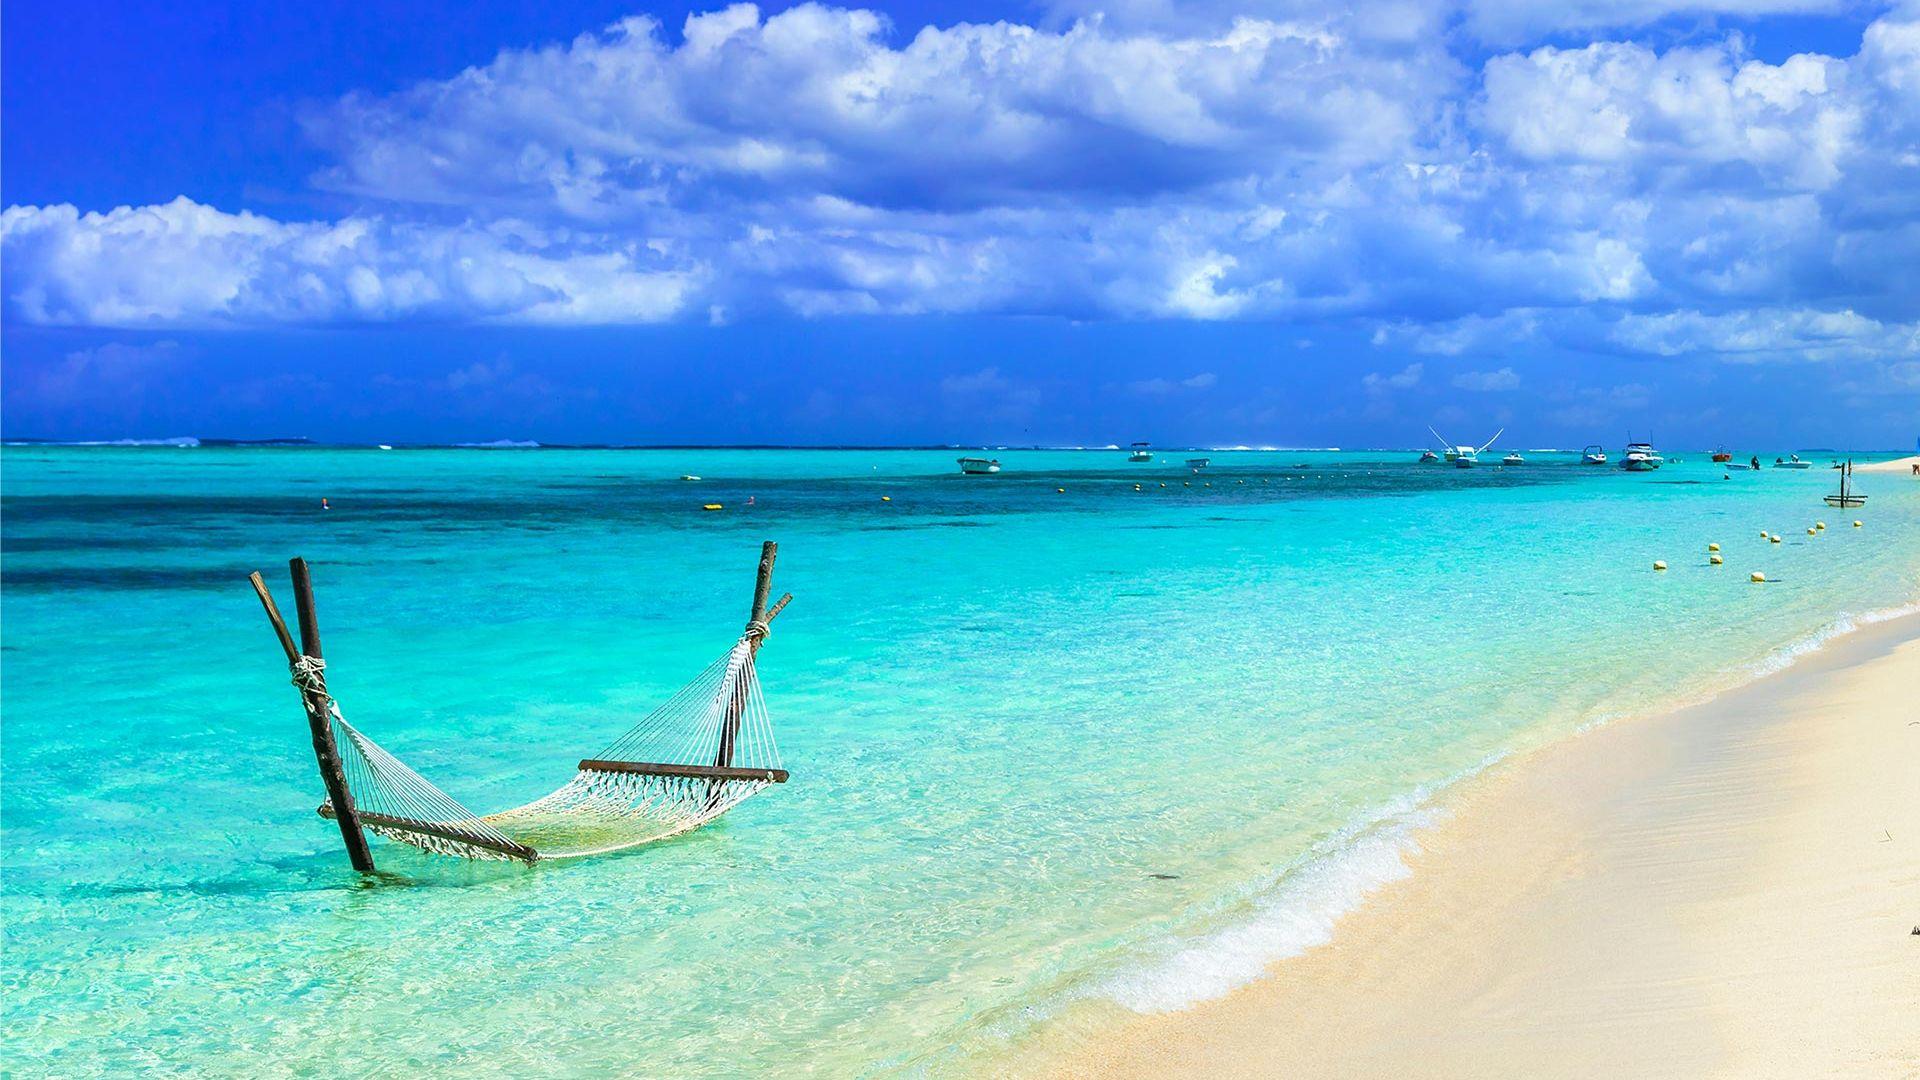 Sejur plaja Mauritius, 10 zile - 23 ianuarie 2022